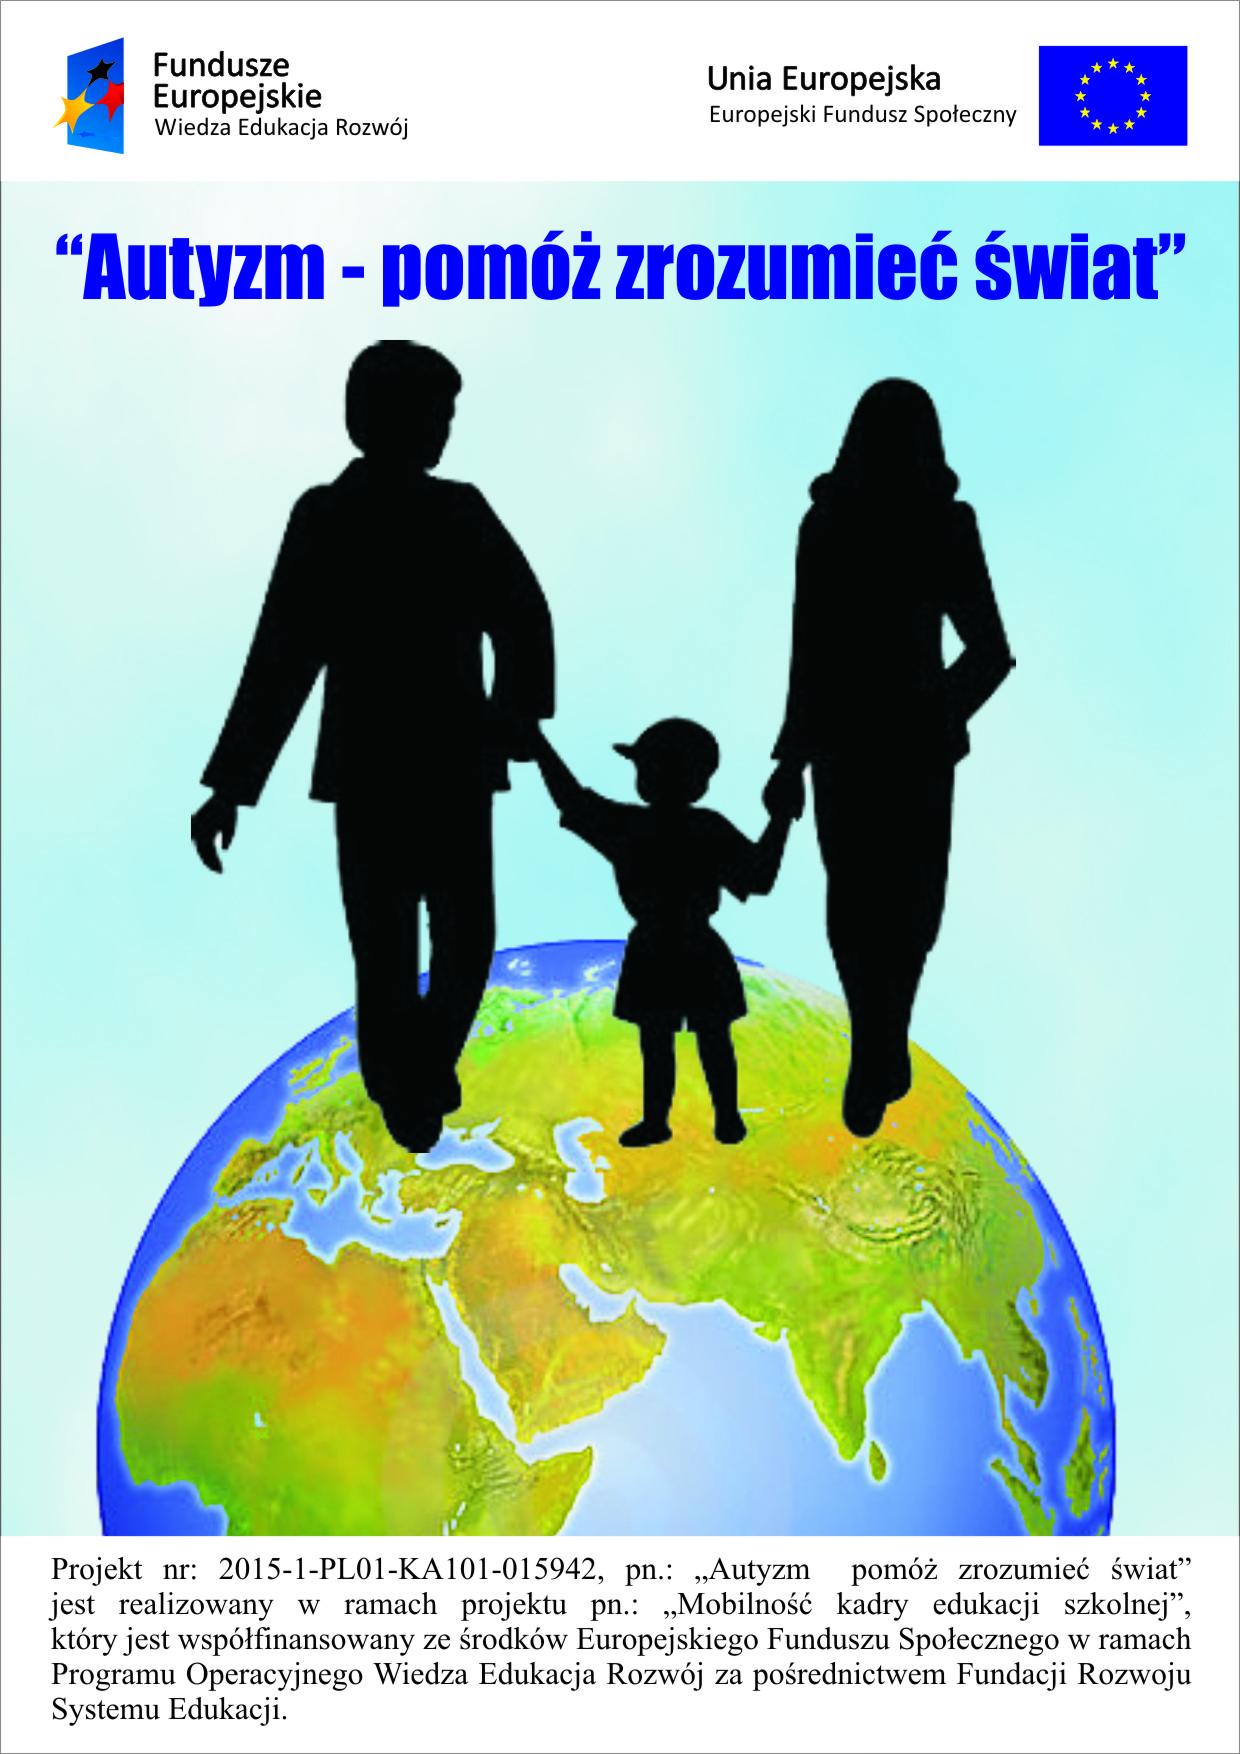 http://www.mpp7boleslawiec.szkolnastrona.pl/index.php?p=m&idg=zt,70,90